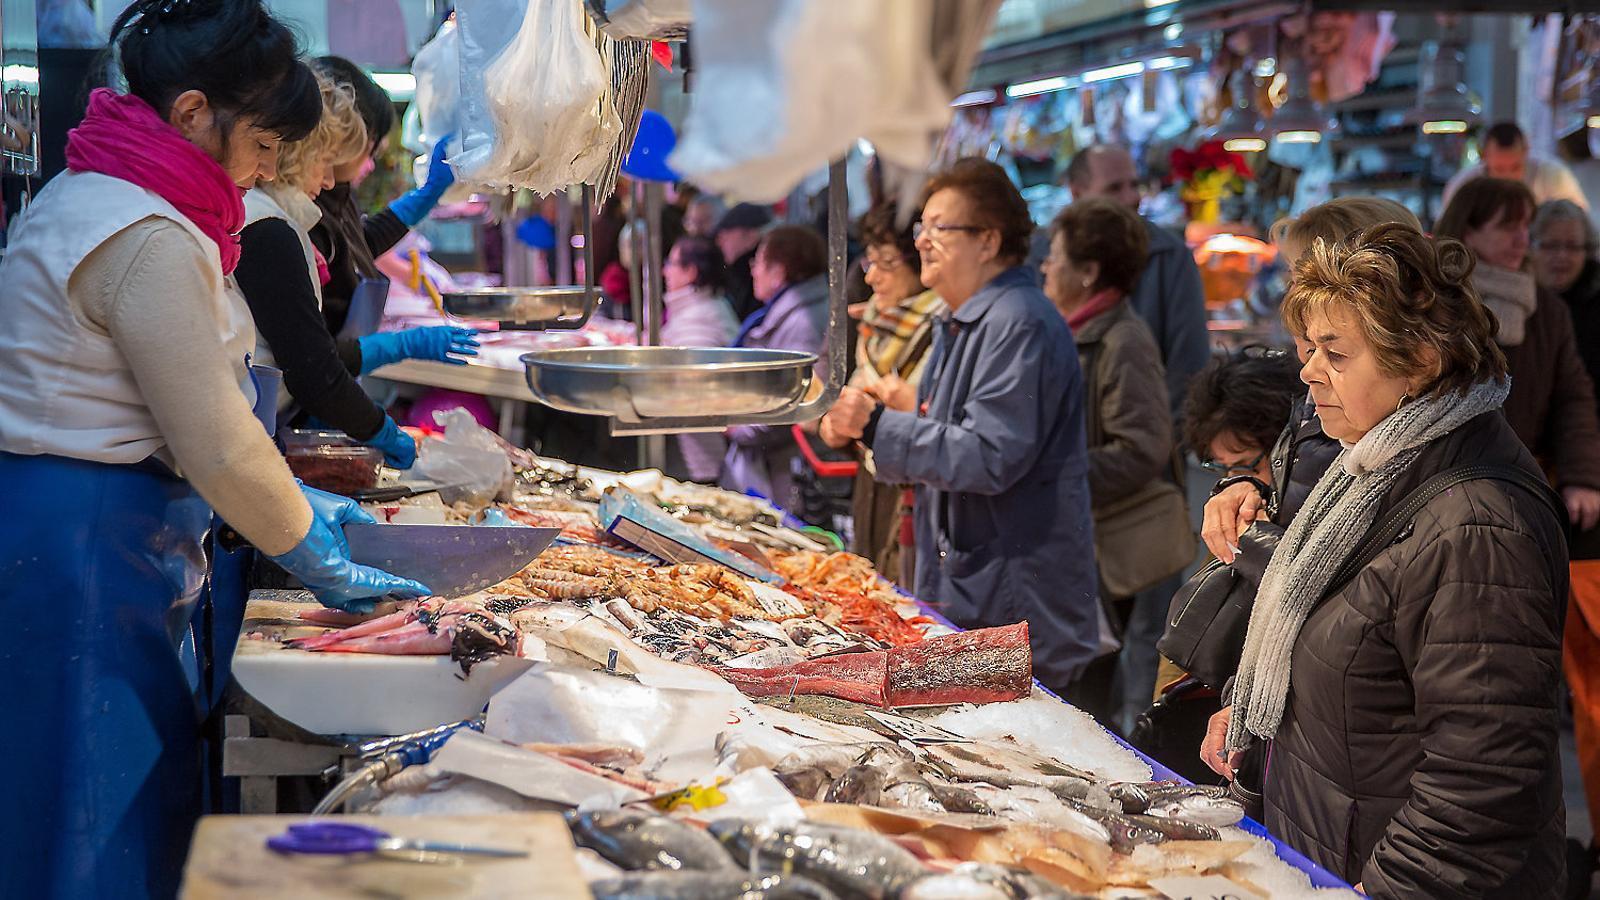 Peix i marisc més cars a les portes de Nadal